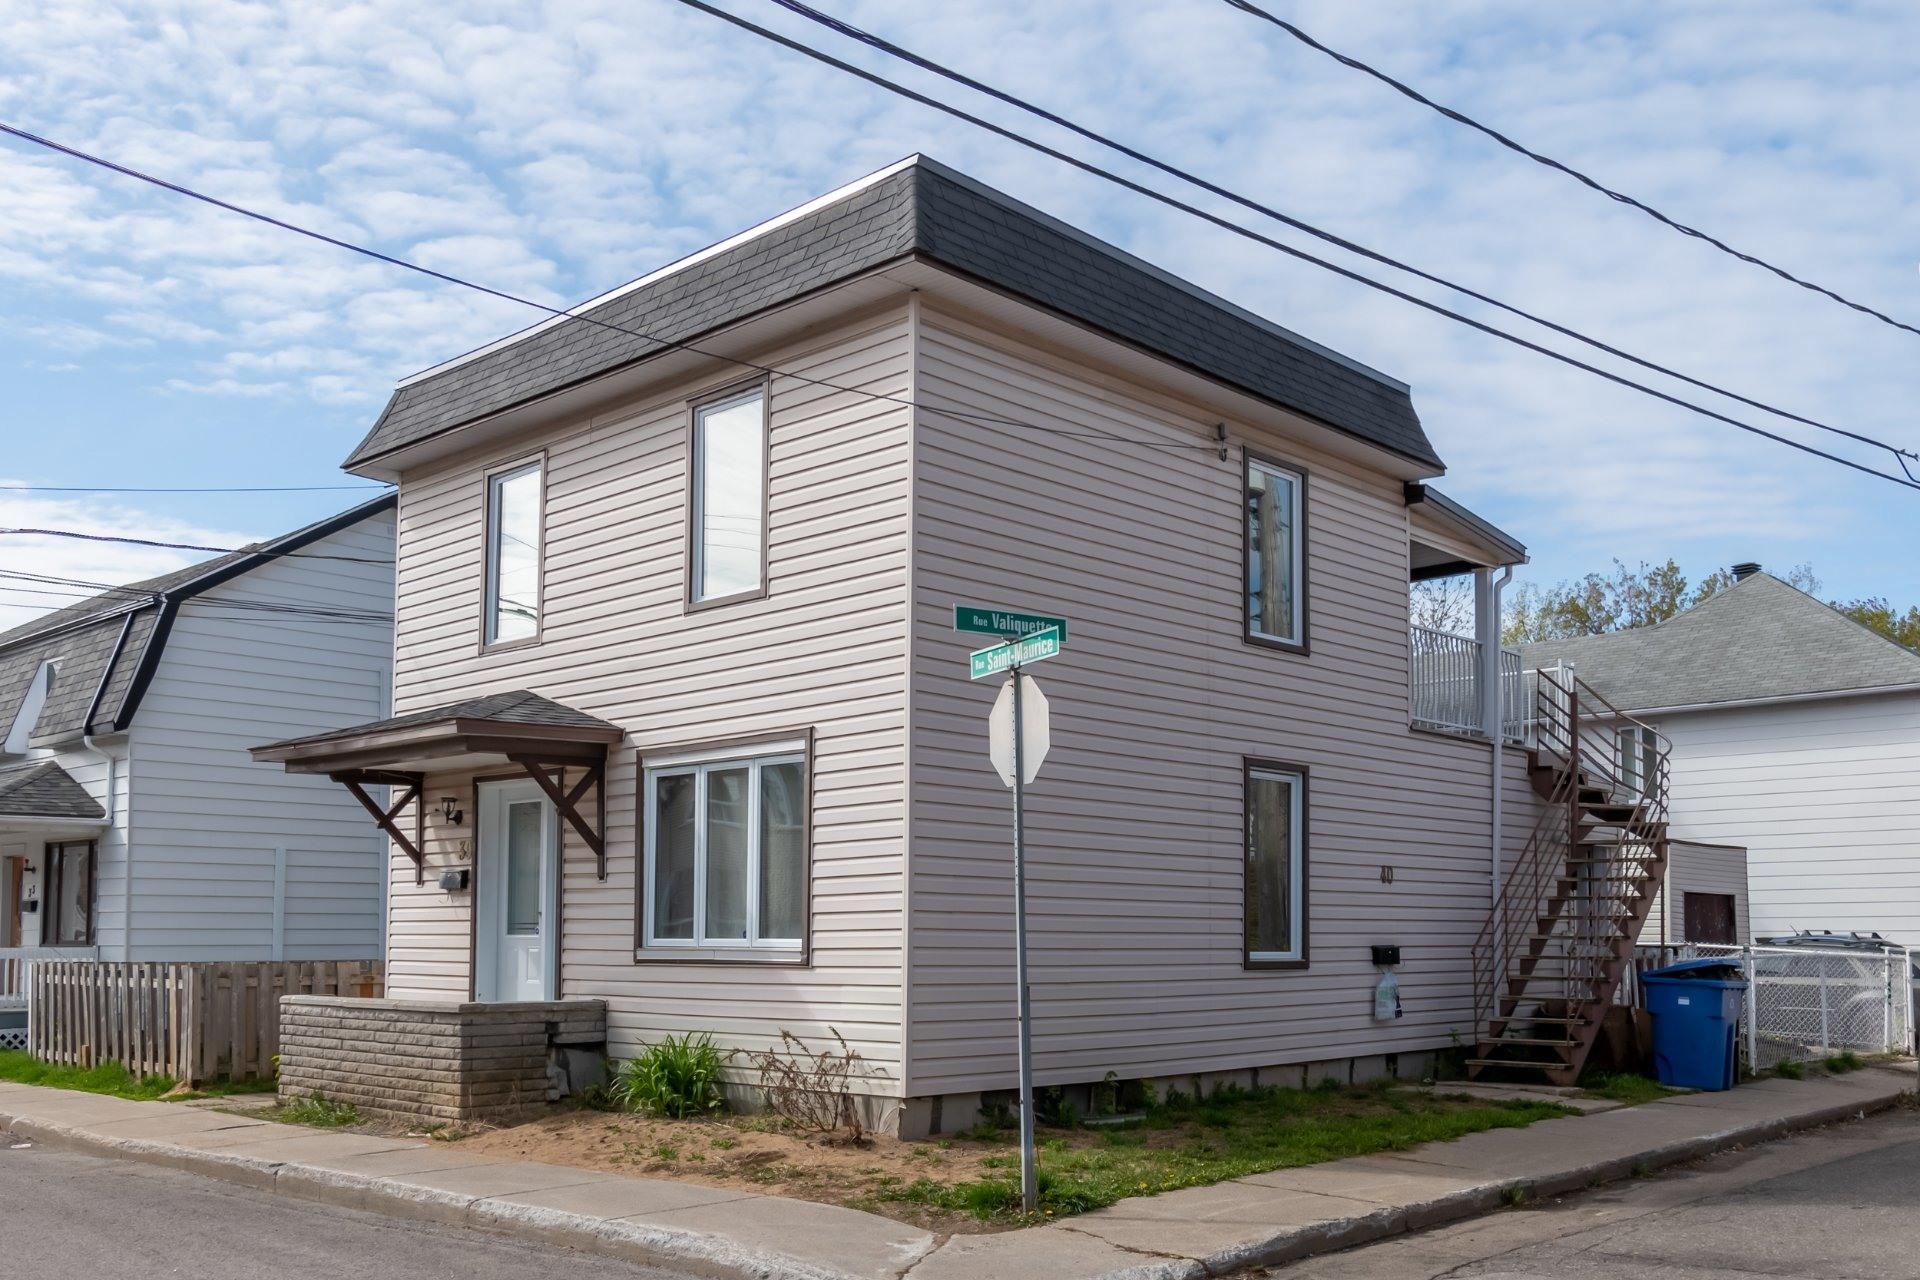 image 17 - Duplex À vendre Trois-Rivières - 4 pièces